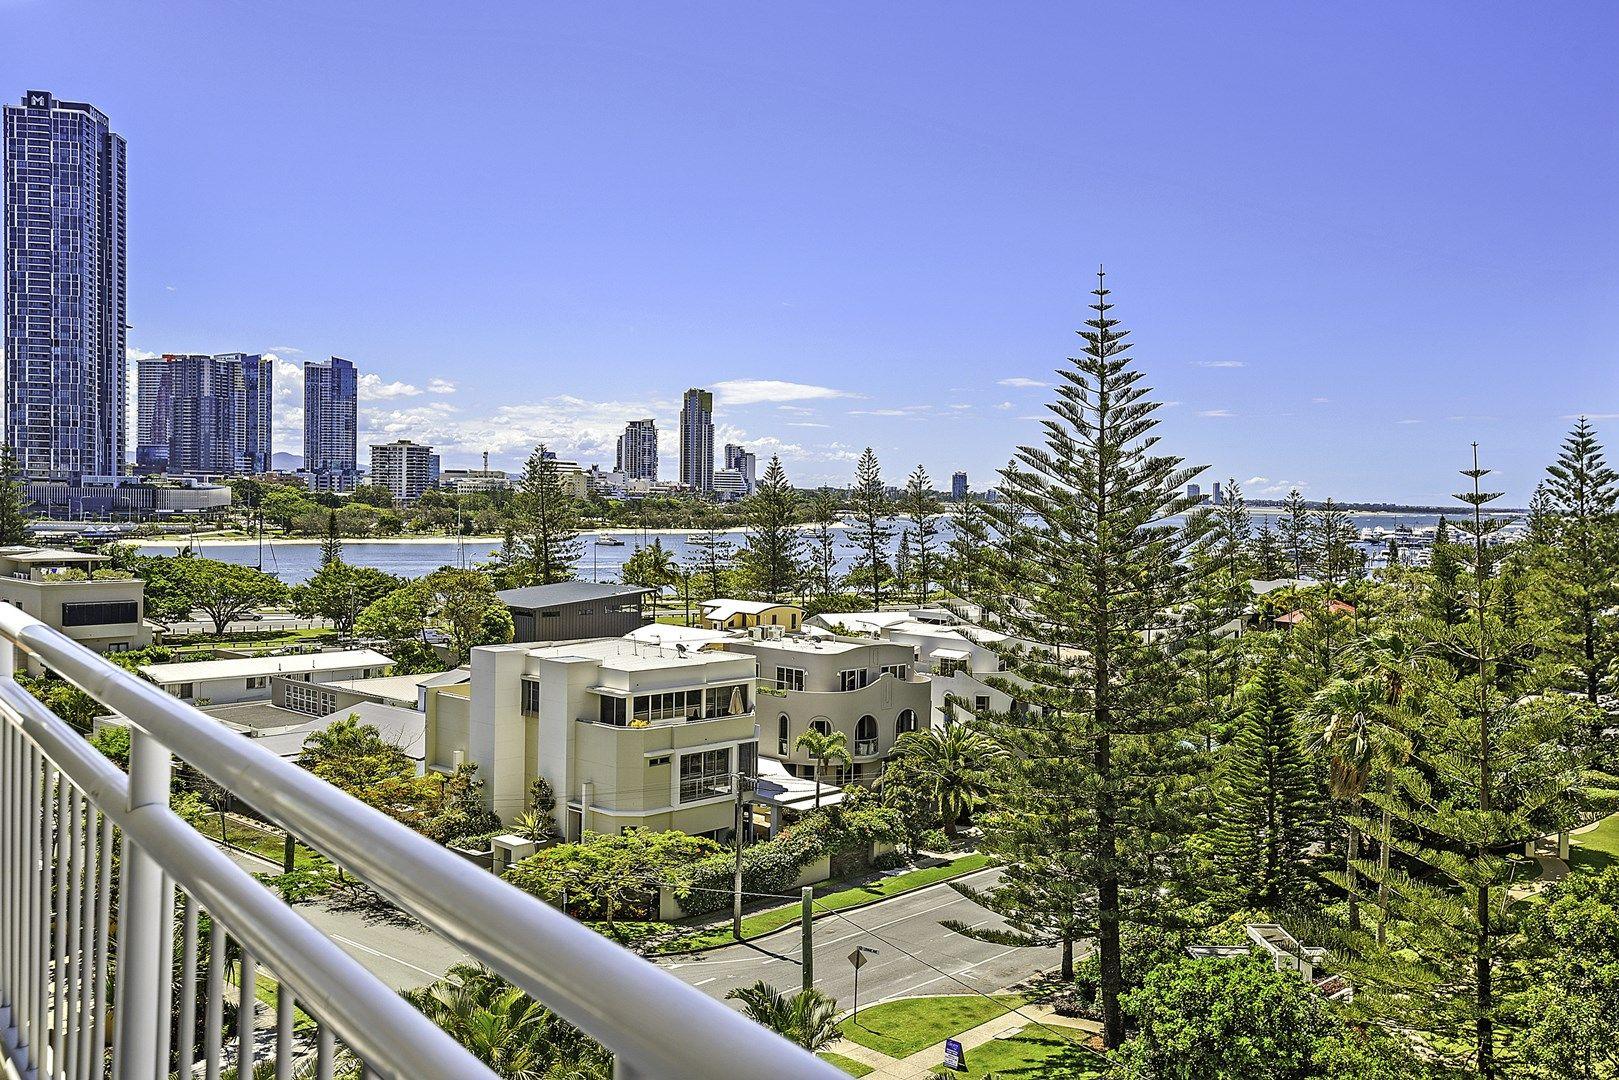 30/11 Hughes Avenue, Main Beach QLD 4217, Image 0